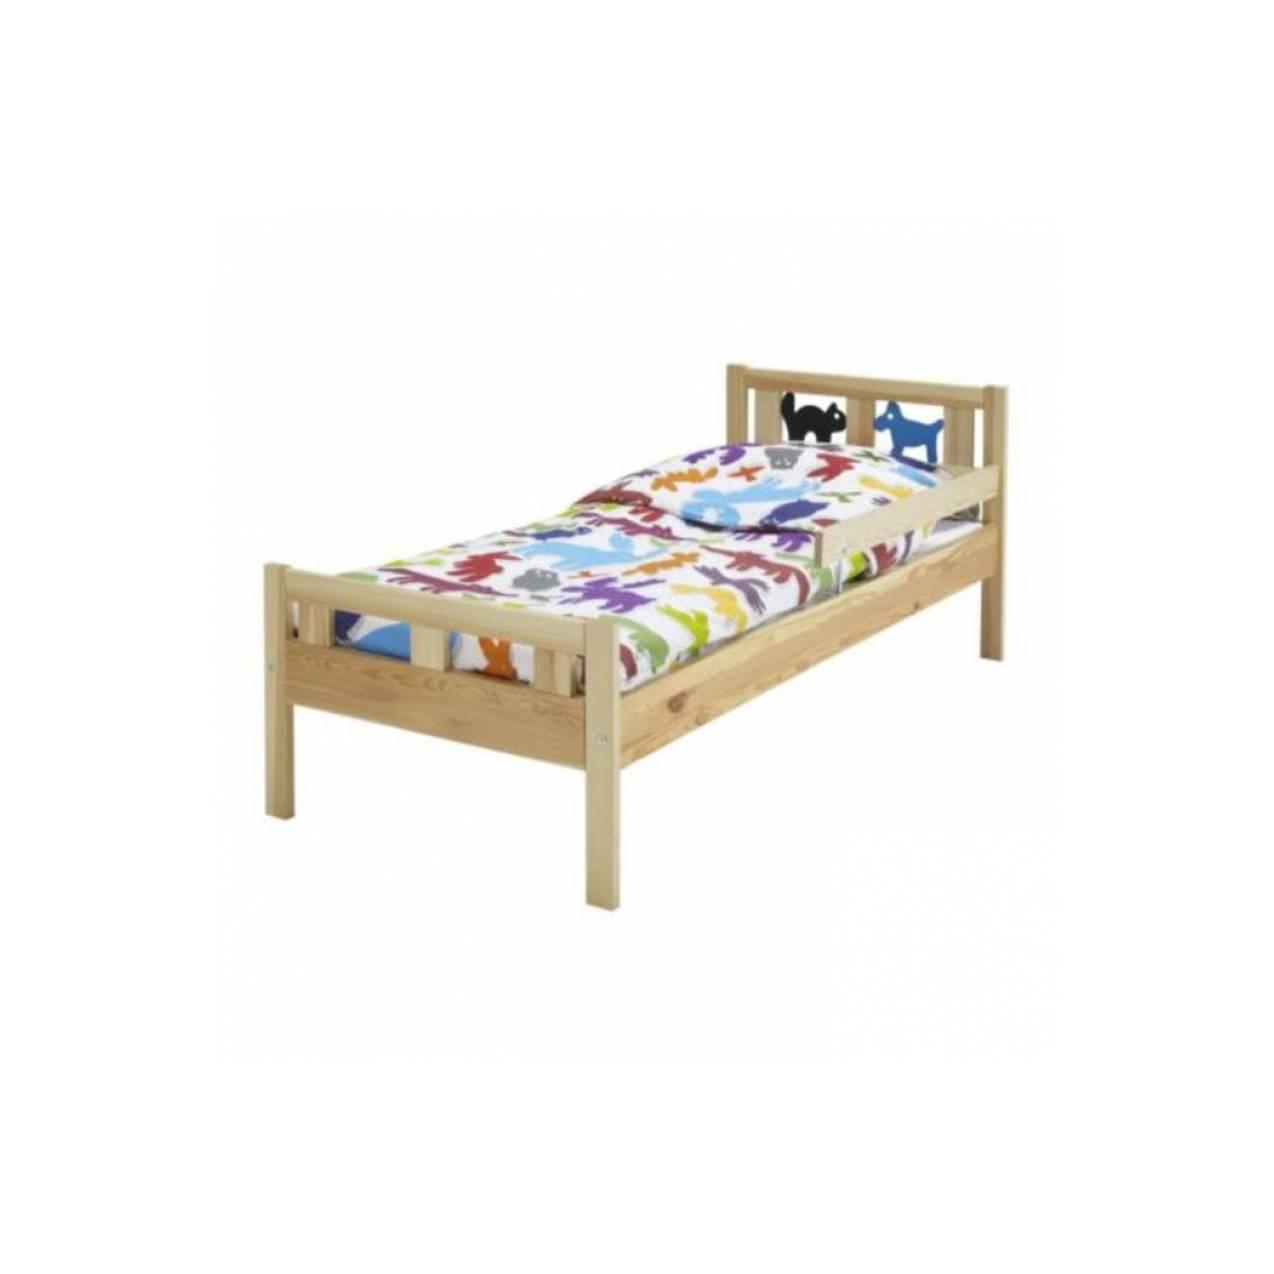 IKEA KRITTER Tempat Tidur Anak 70x160 cm- kayu pinus solid